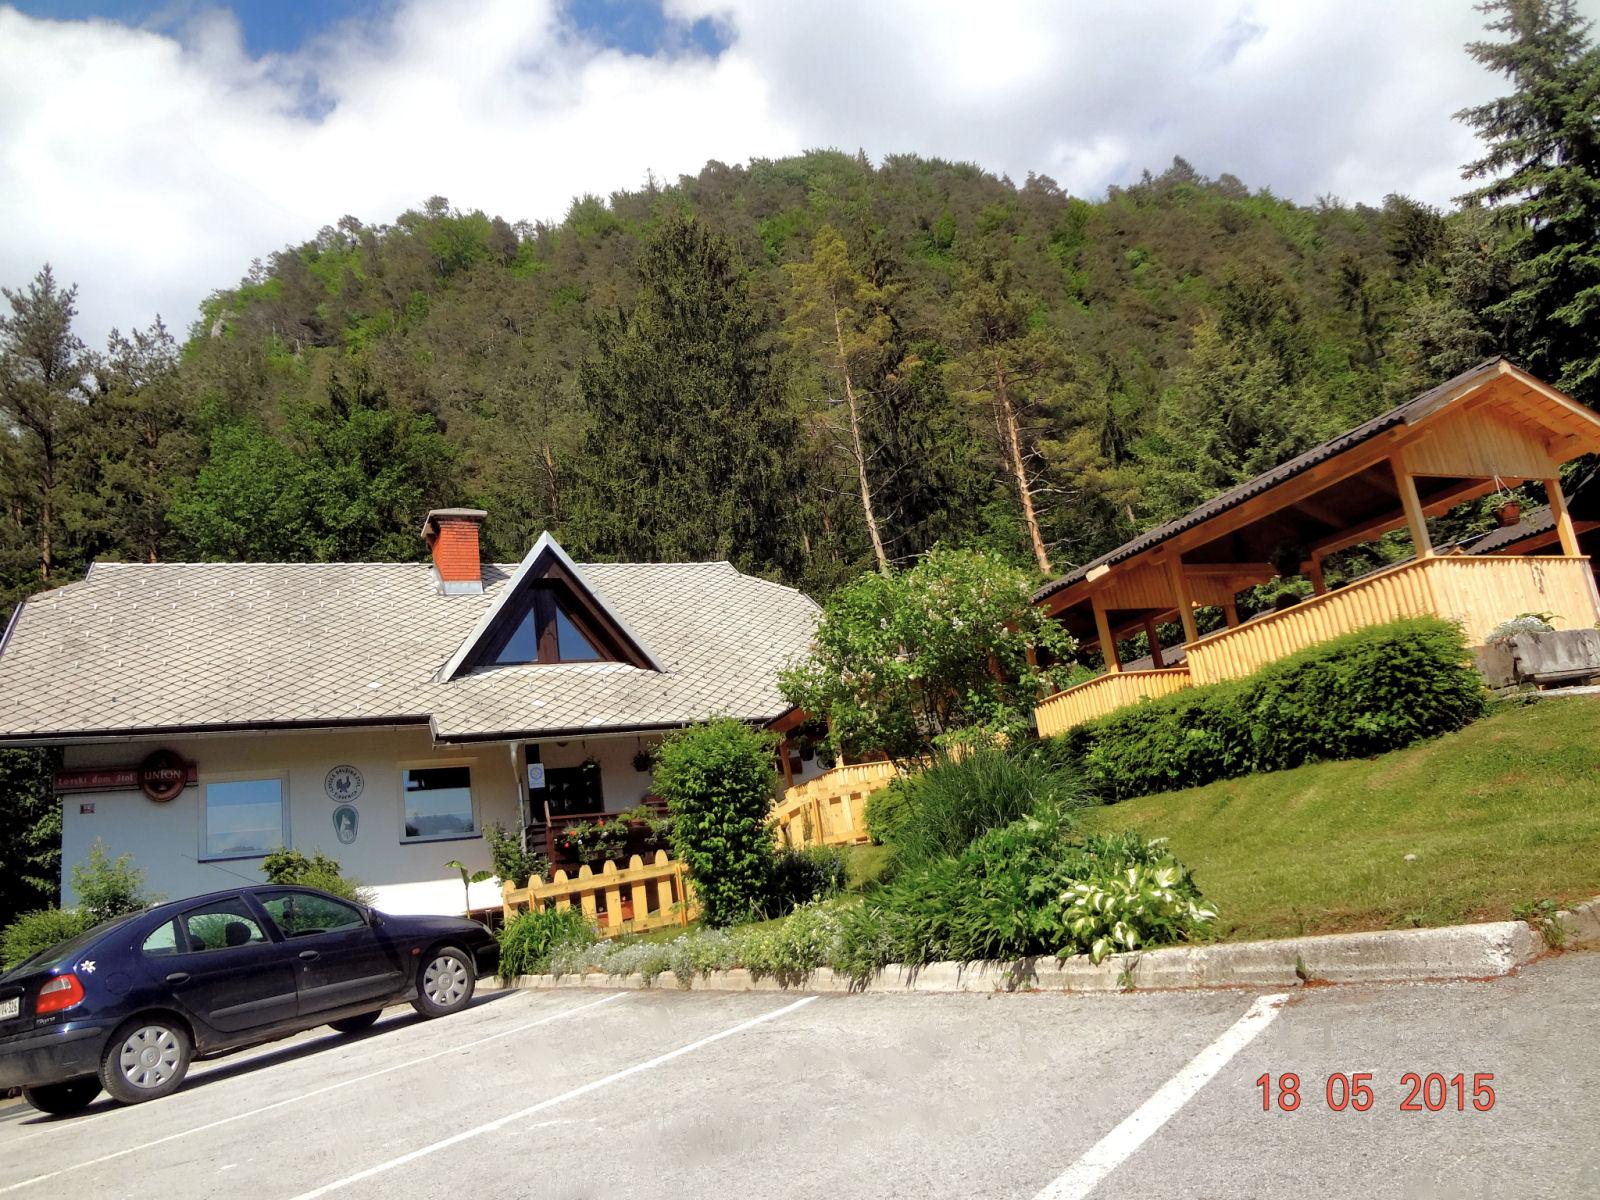 Lovski dom Stol restaurant